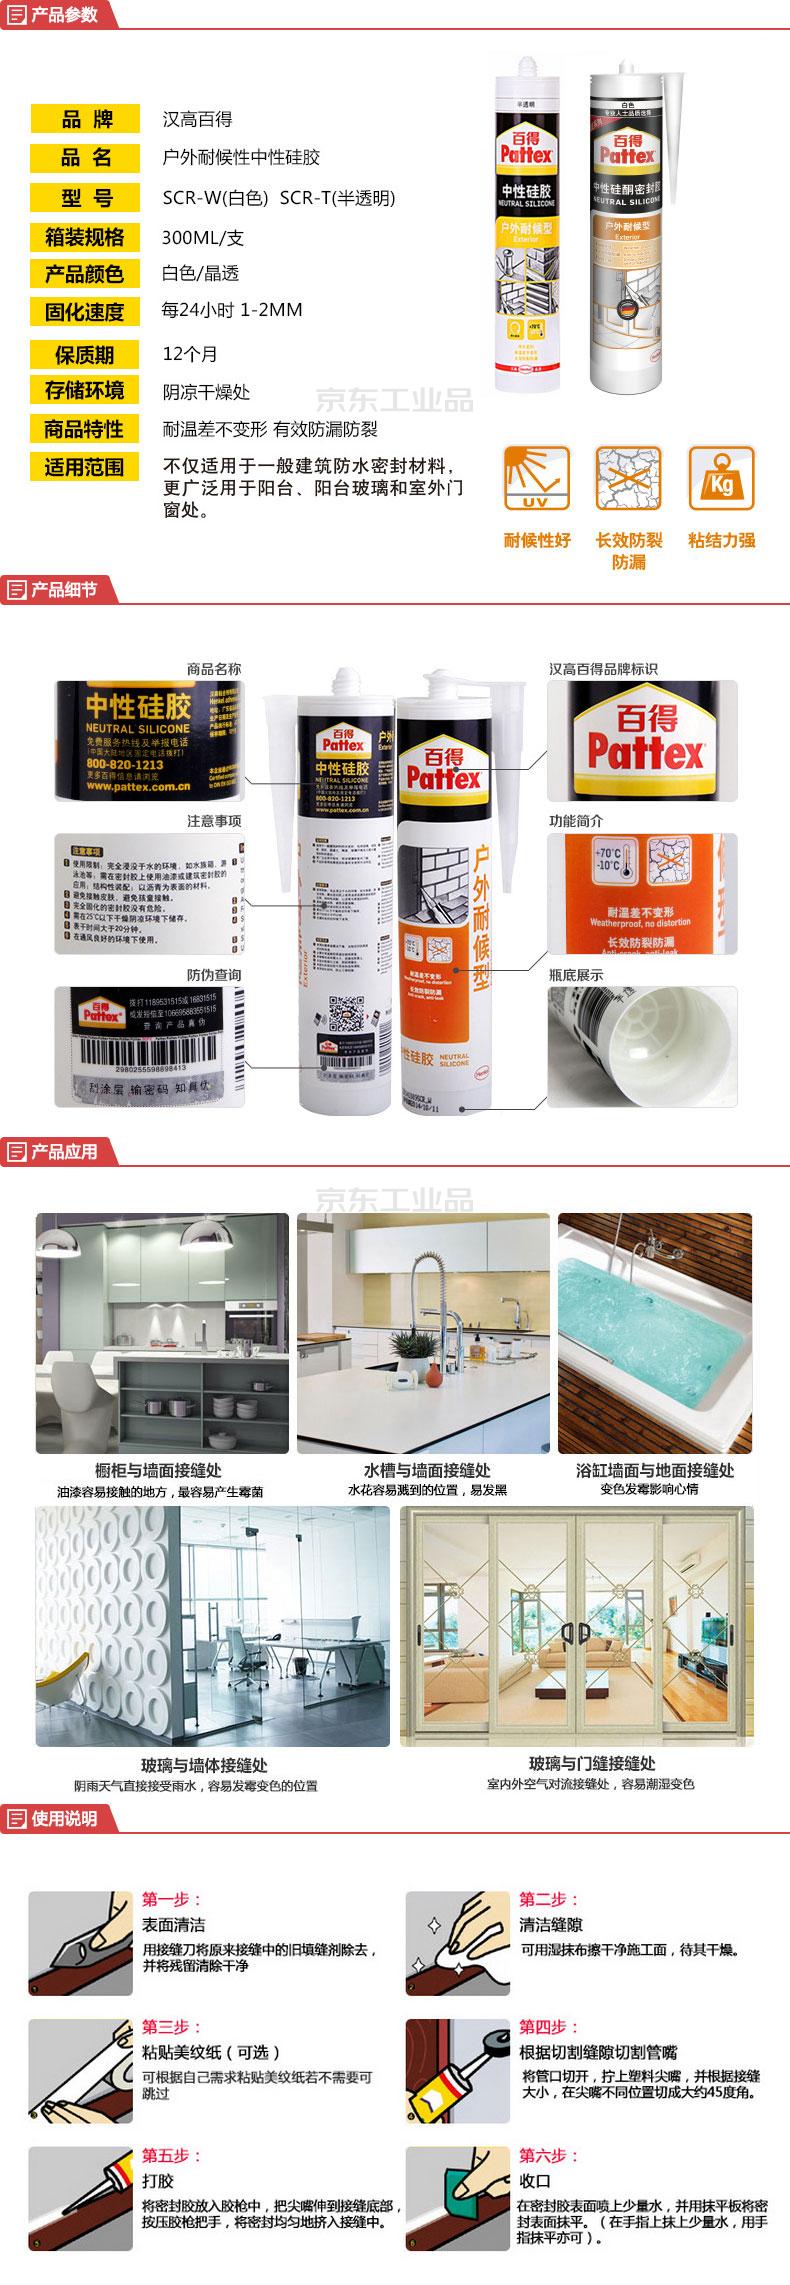 汉高 百得(Pattex)中性硅胶 户外耐候型 玻璃胶 密封胶 填缝胶